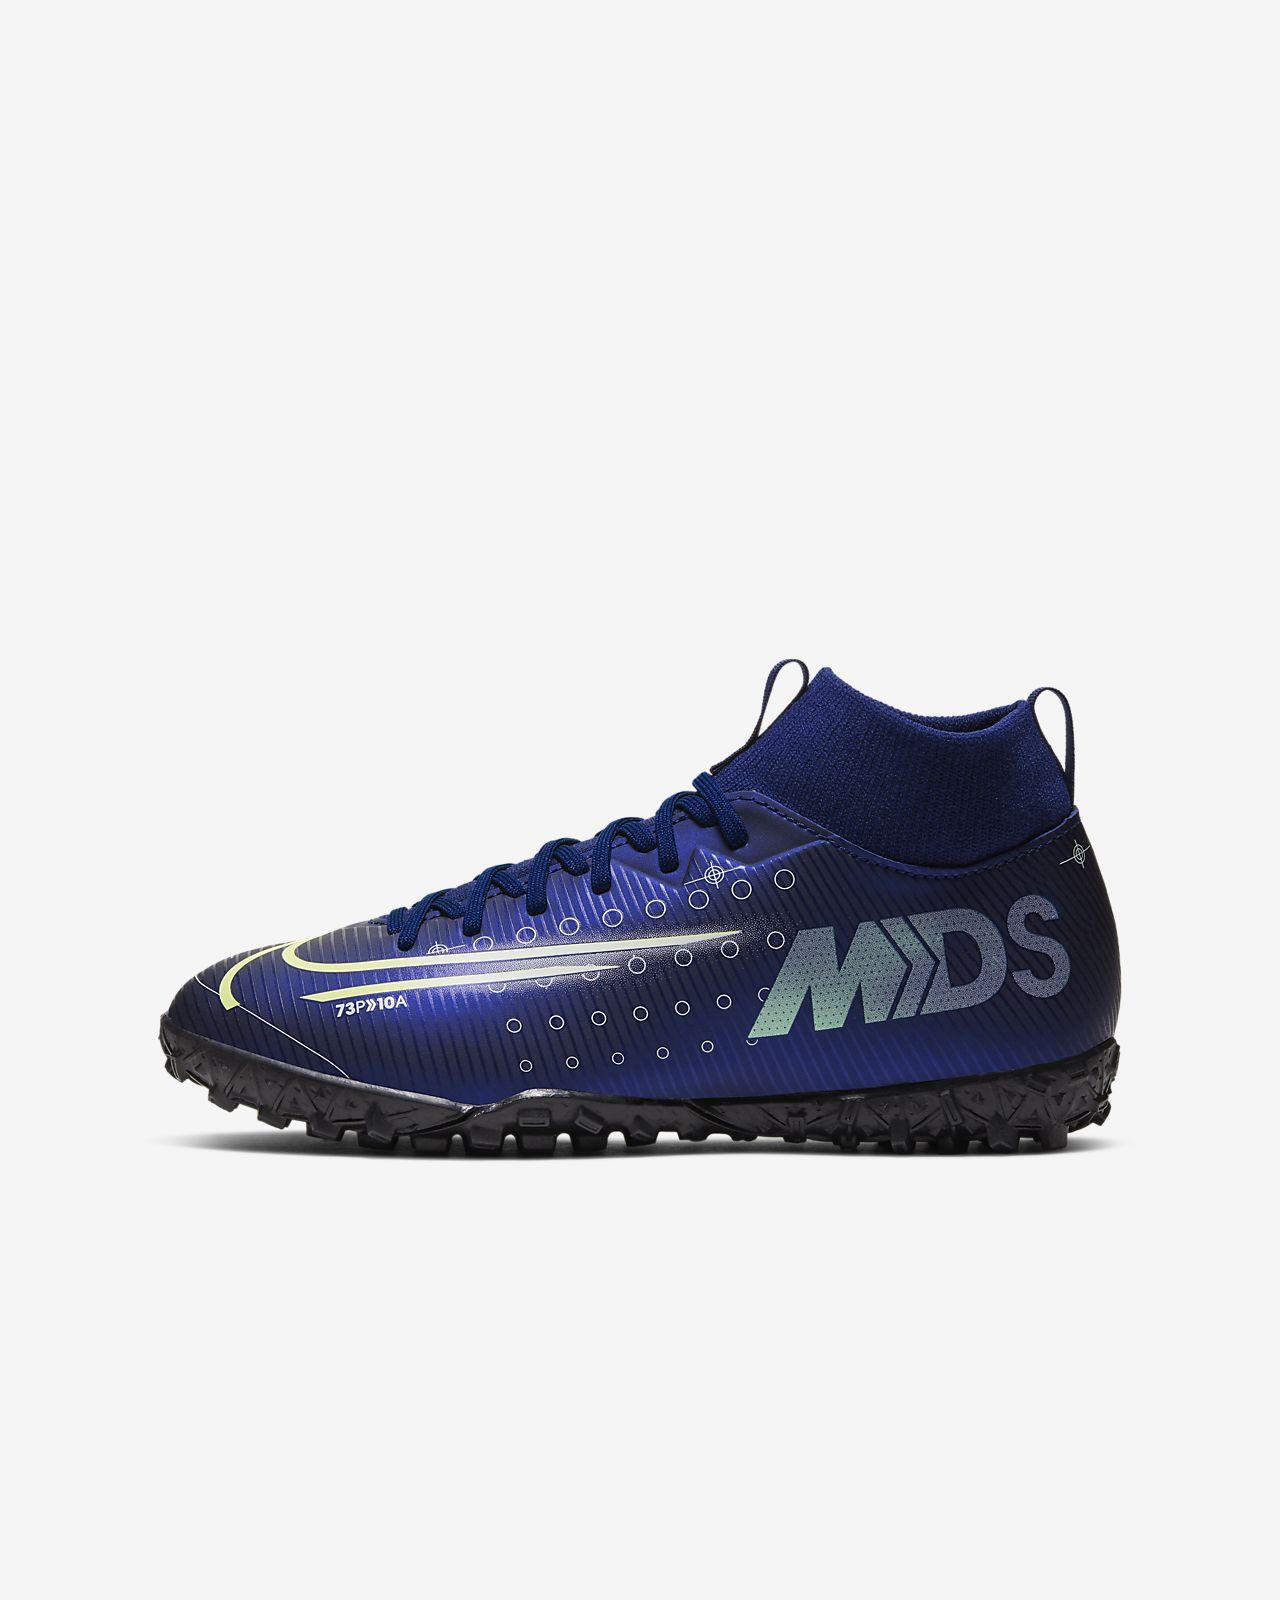 Chaussure de football pour surface synthétique Nike Jr. Mercurial Superfly 7 Academy MDS TF pour Jeune enfant/Enfant plus âgé